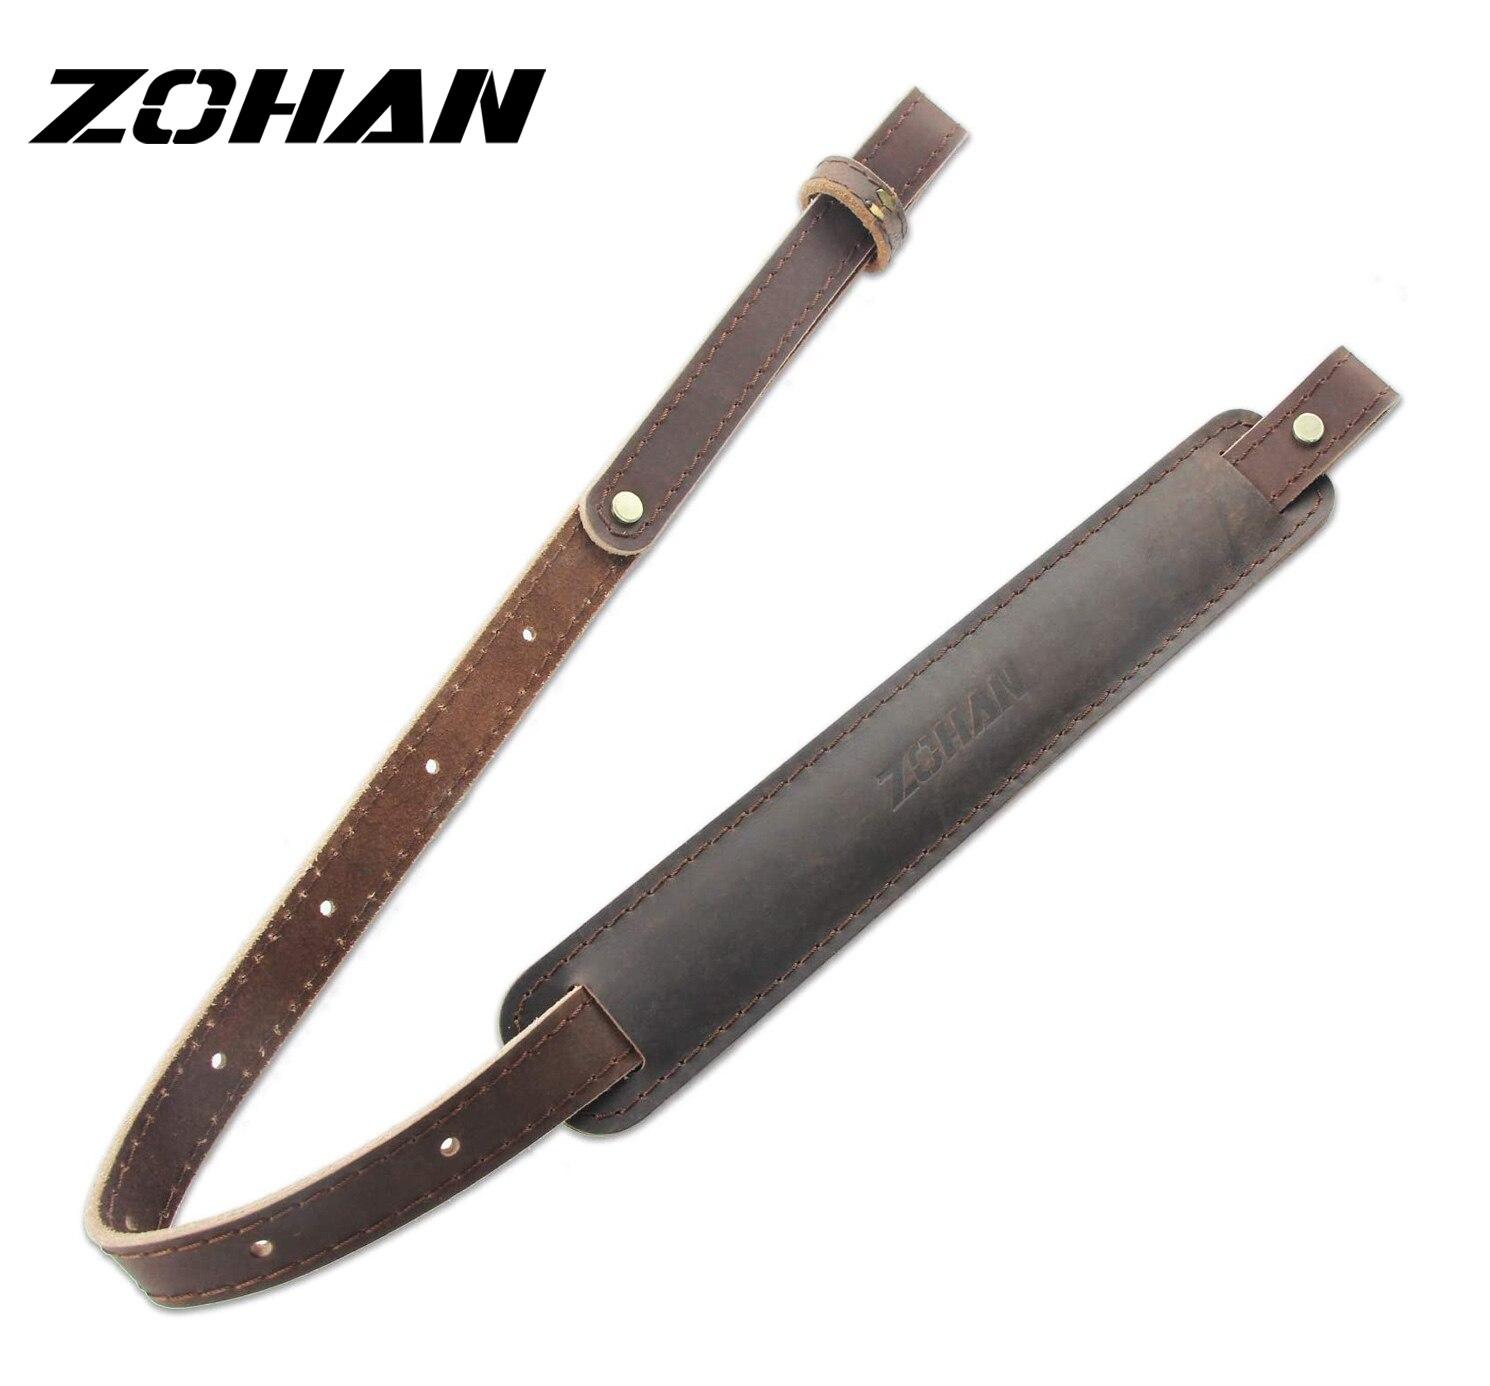 2-точечный кожаный ремень ZOHAN для ружья, регулируемый плечевой ремень, тактический ремень, аксессуары для охотничьего ружья